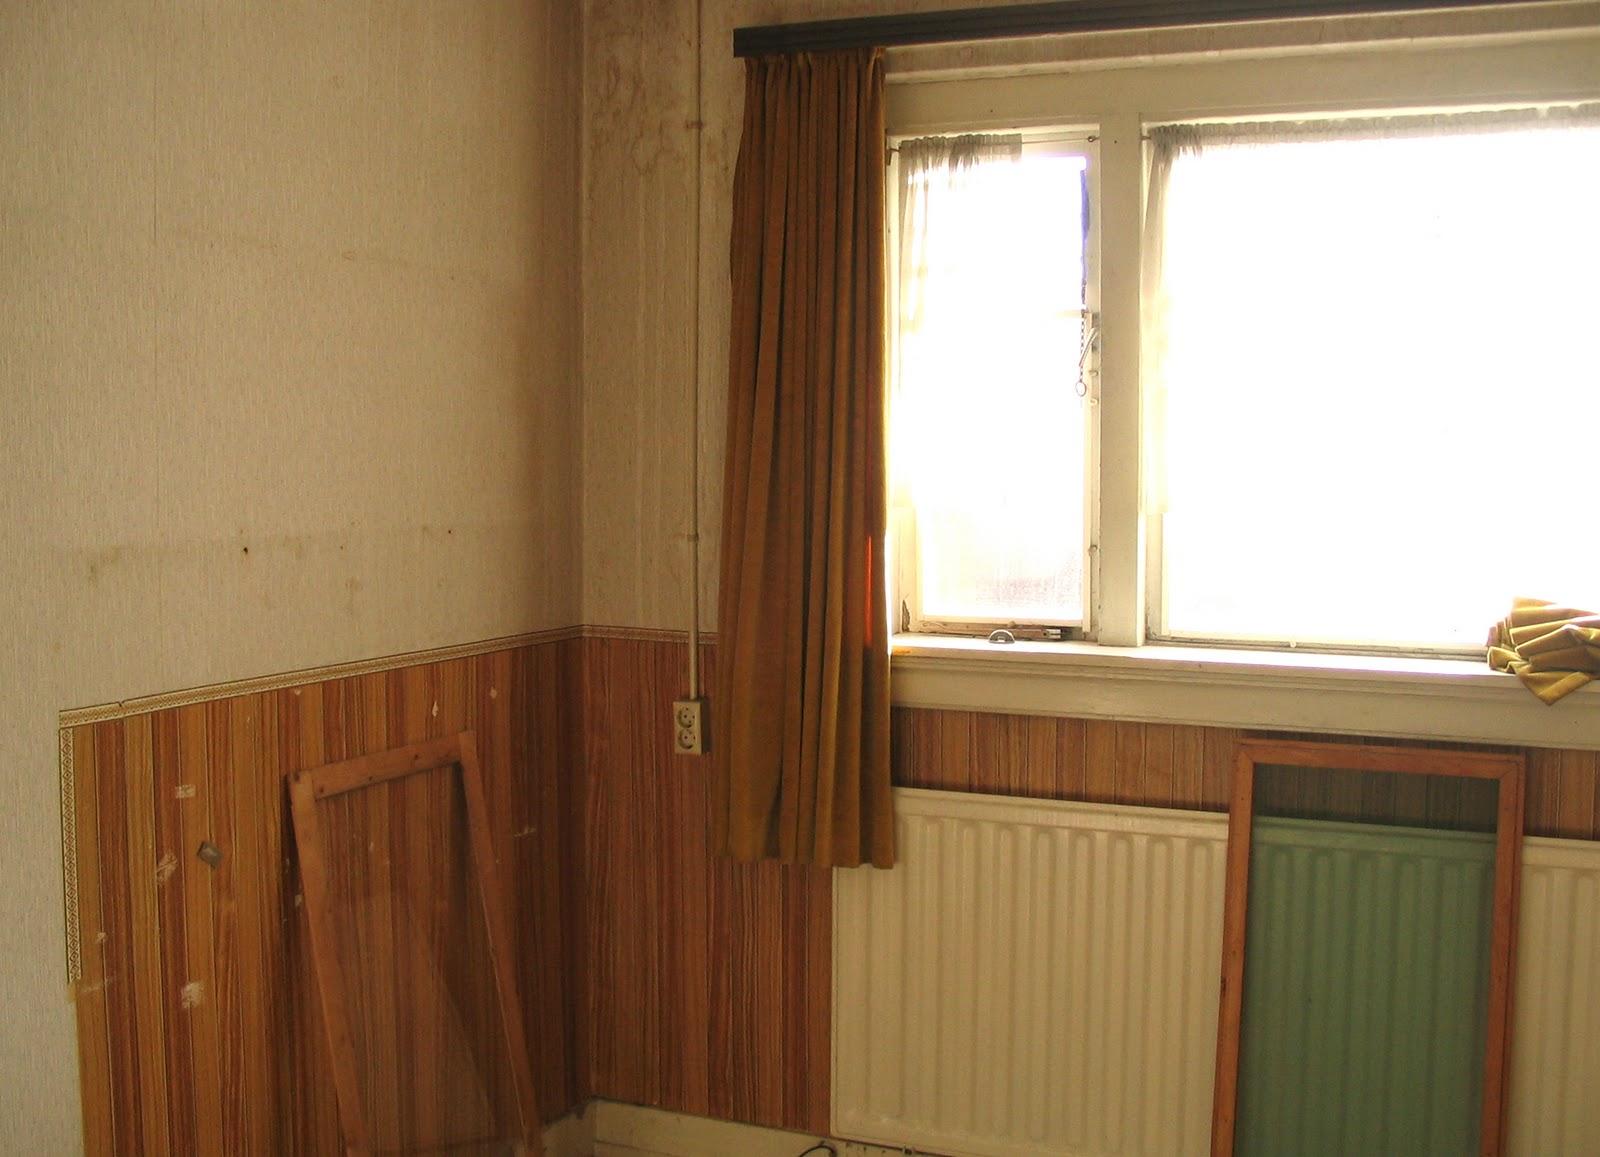 Kleine kamer archieven enigheid - Kleine kamer ...